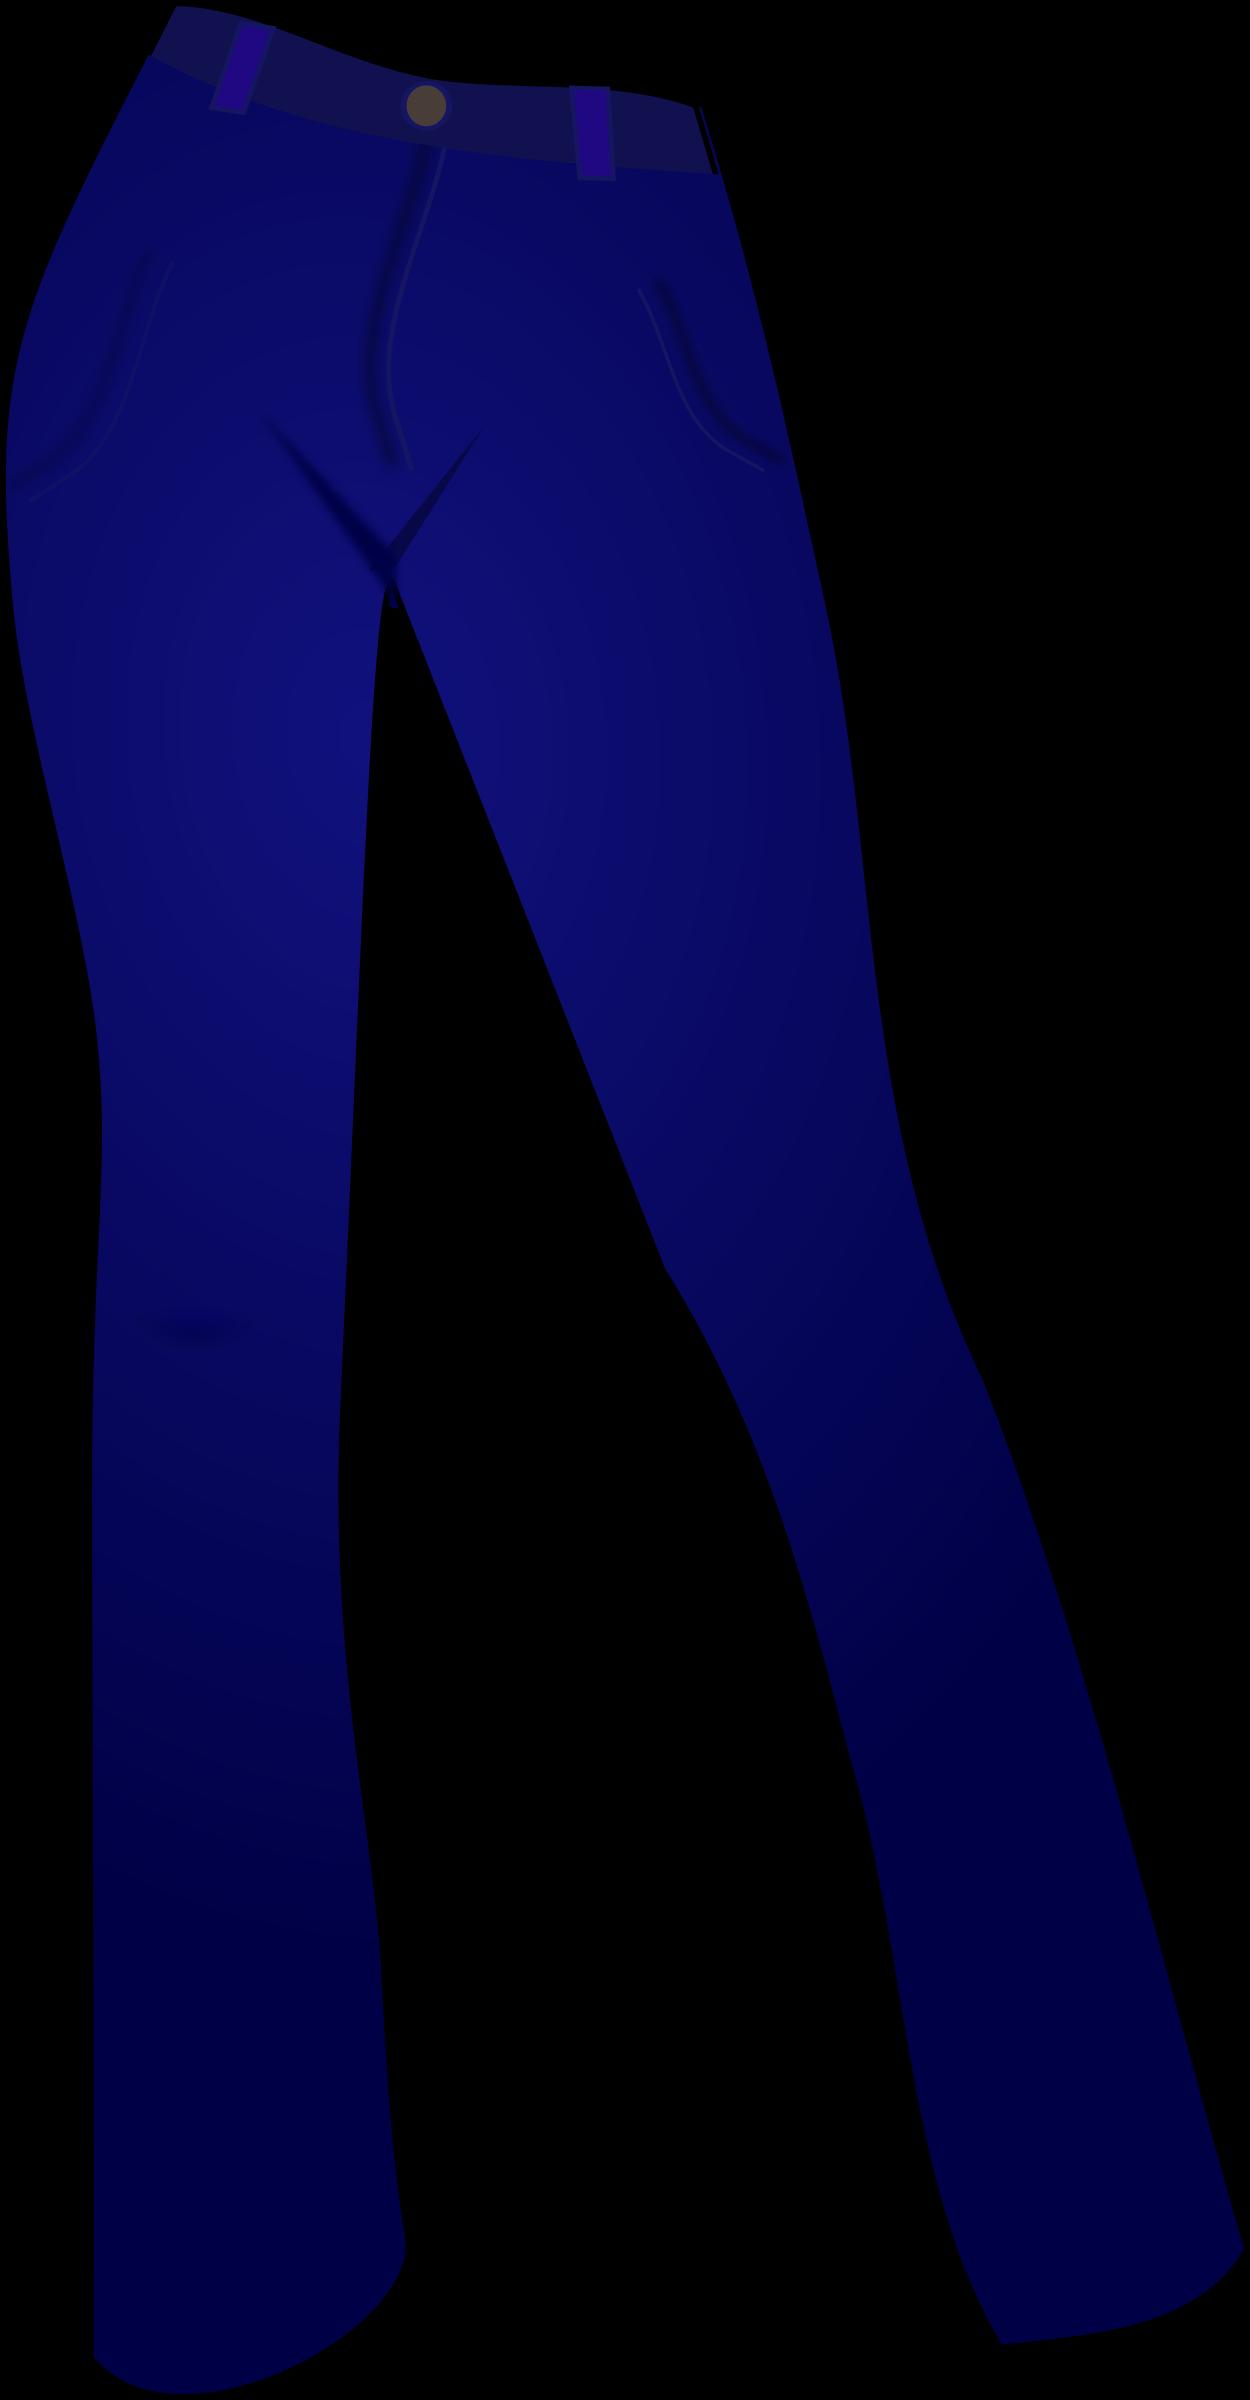 Blue jeans clipart.